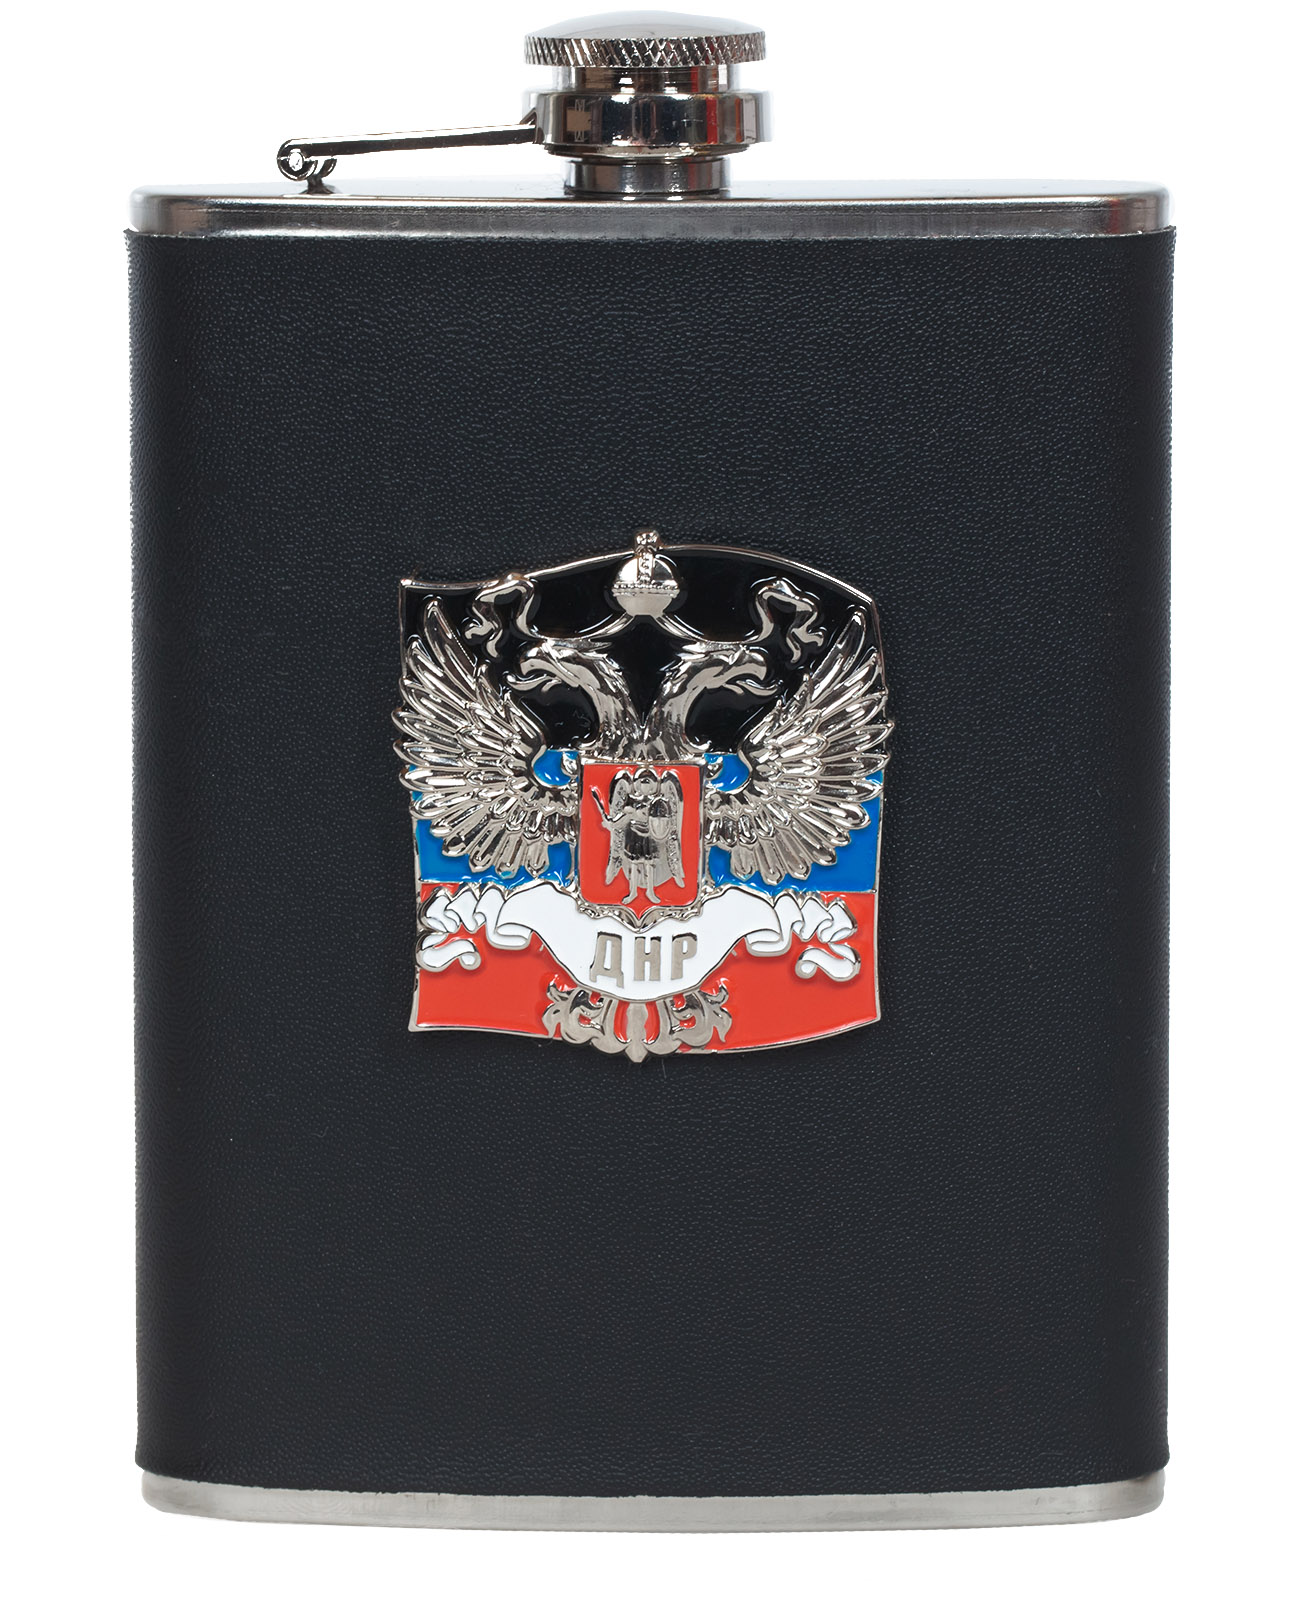 Нержавеющая фляжка ДНР (обтянутая кожей, металлический жетон)